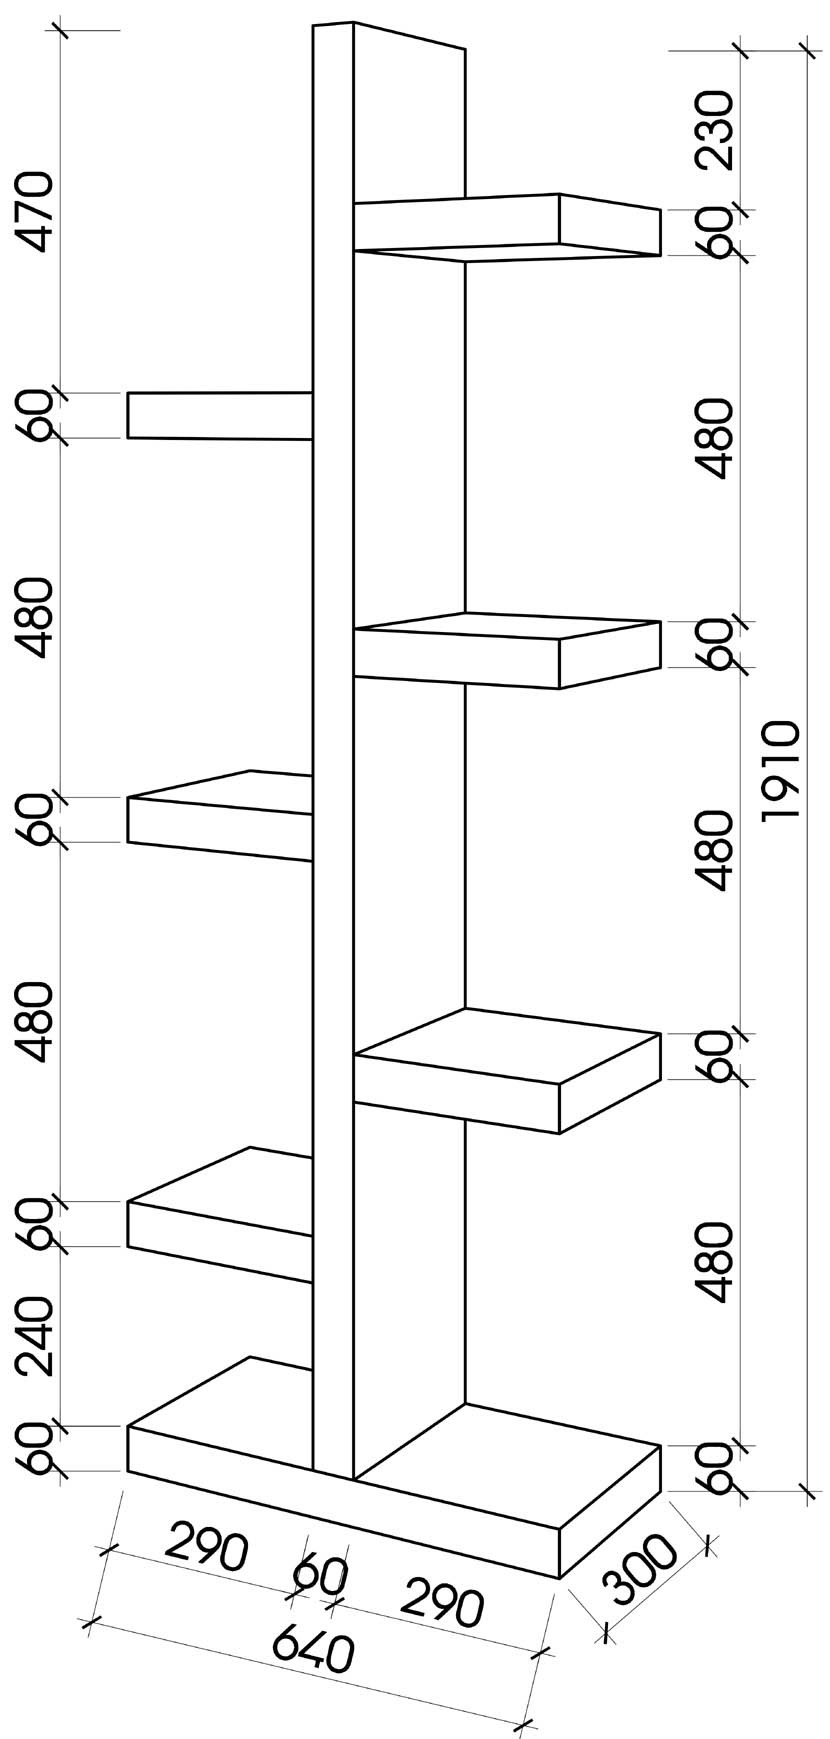 gia-sach-phong-cach-hien-dai-ghs-266(20)